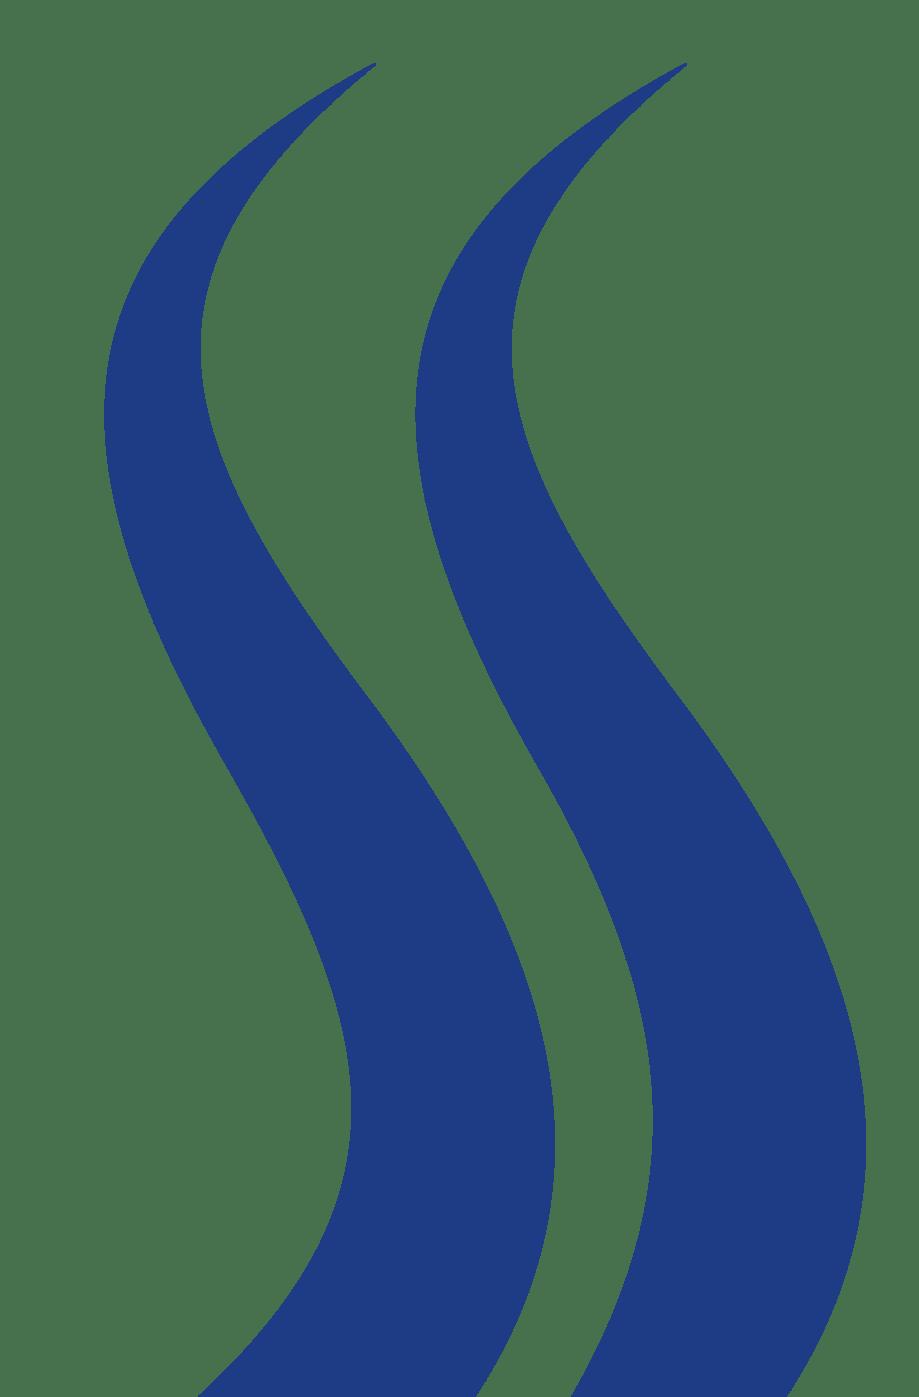 Nebbiogeni, Sicurezza logica e fisica per Banche e Aziende | Softsel - Genova